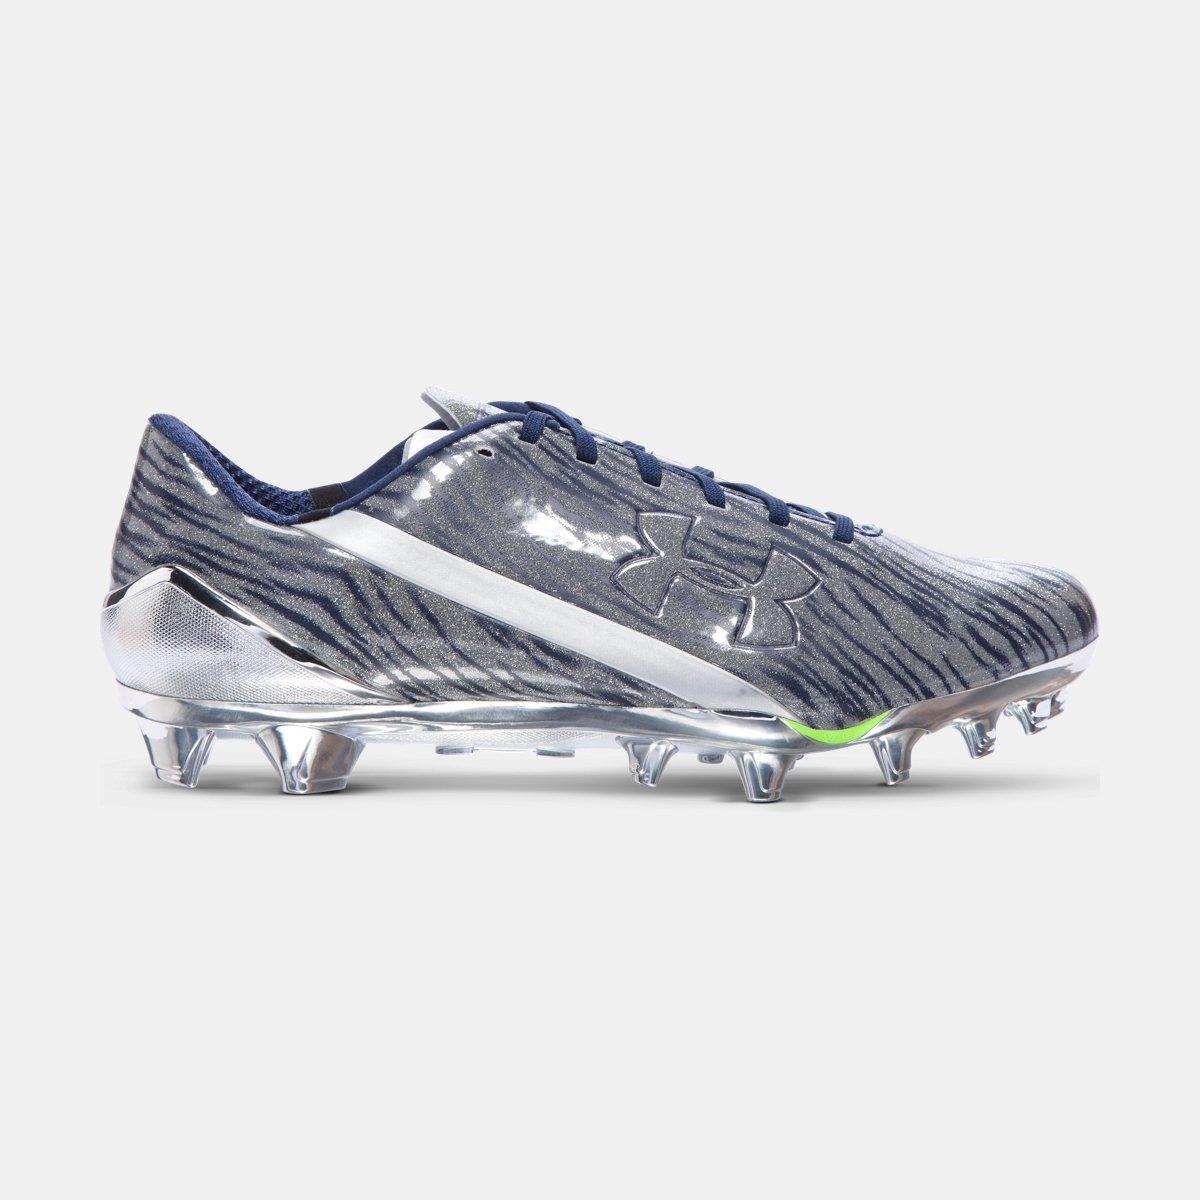 [アンダーアーマー] UNDER ARMOUR メンズ UA Spotlight Football Cleats カジュアル 8(26cm) [並行輸入品] B074WPS7ZB